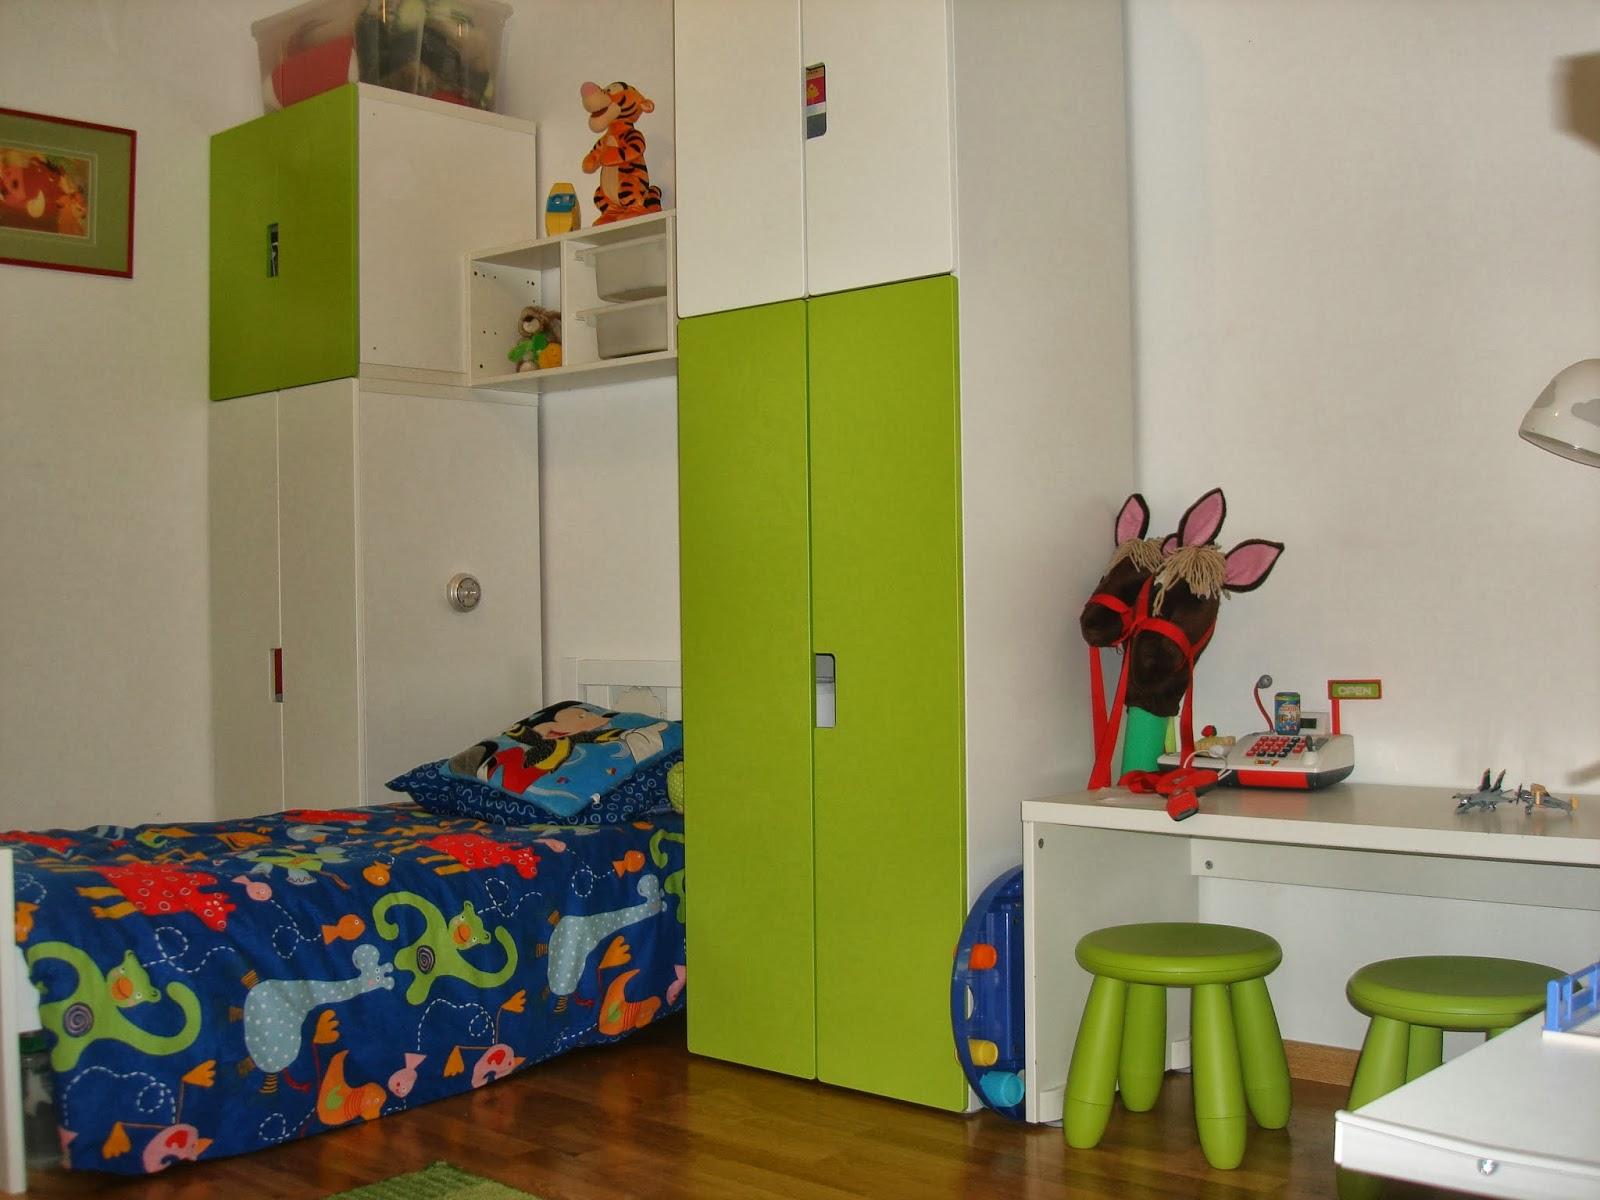 Chambre Enfant 5 Ans | Photo Idée Déco Chambre Garçon 2 3 4 ...